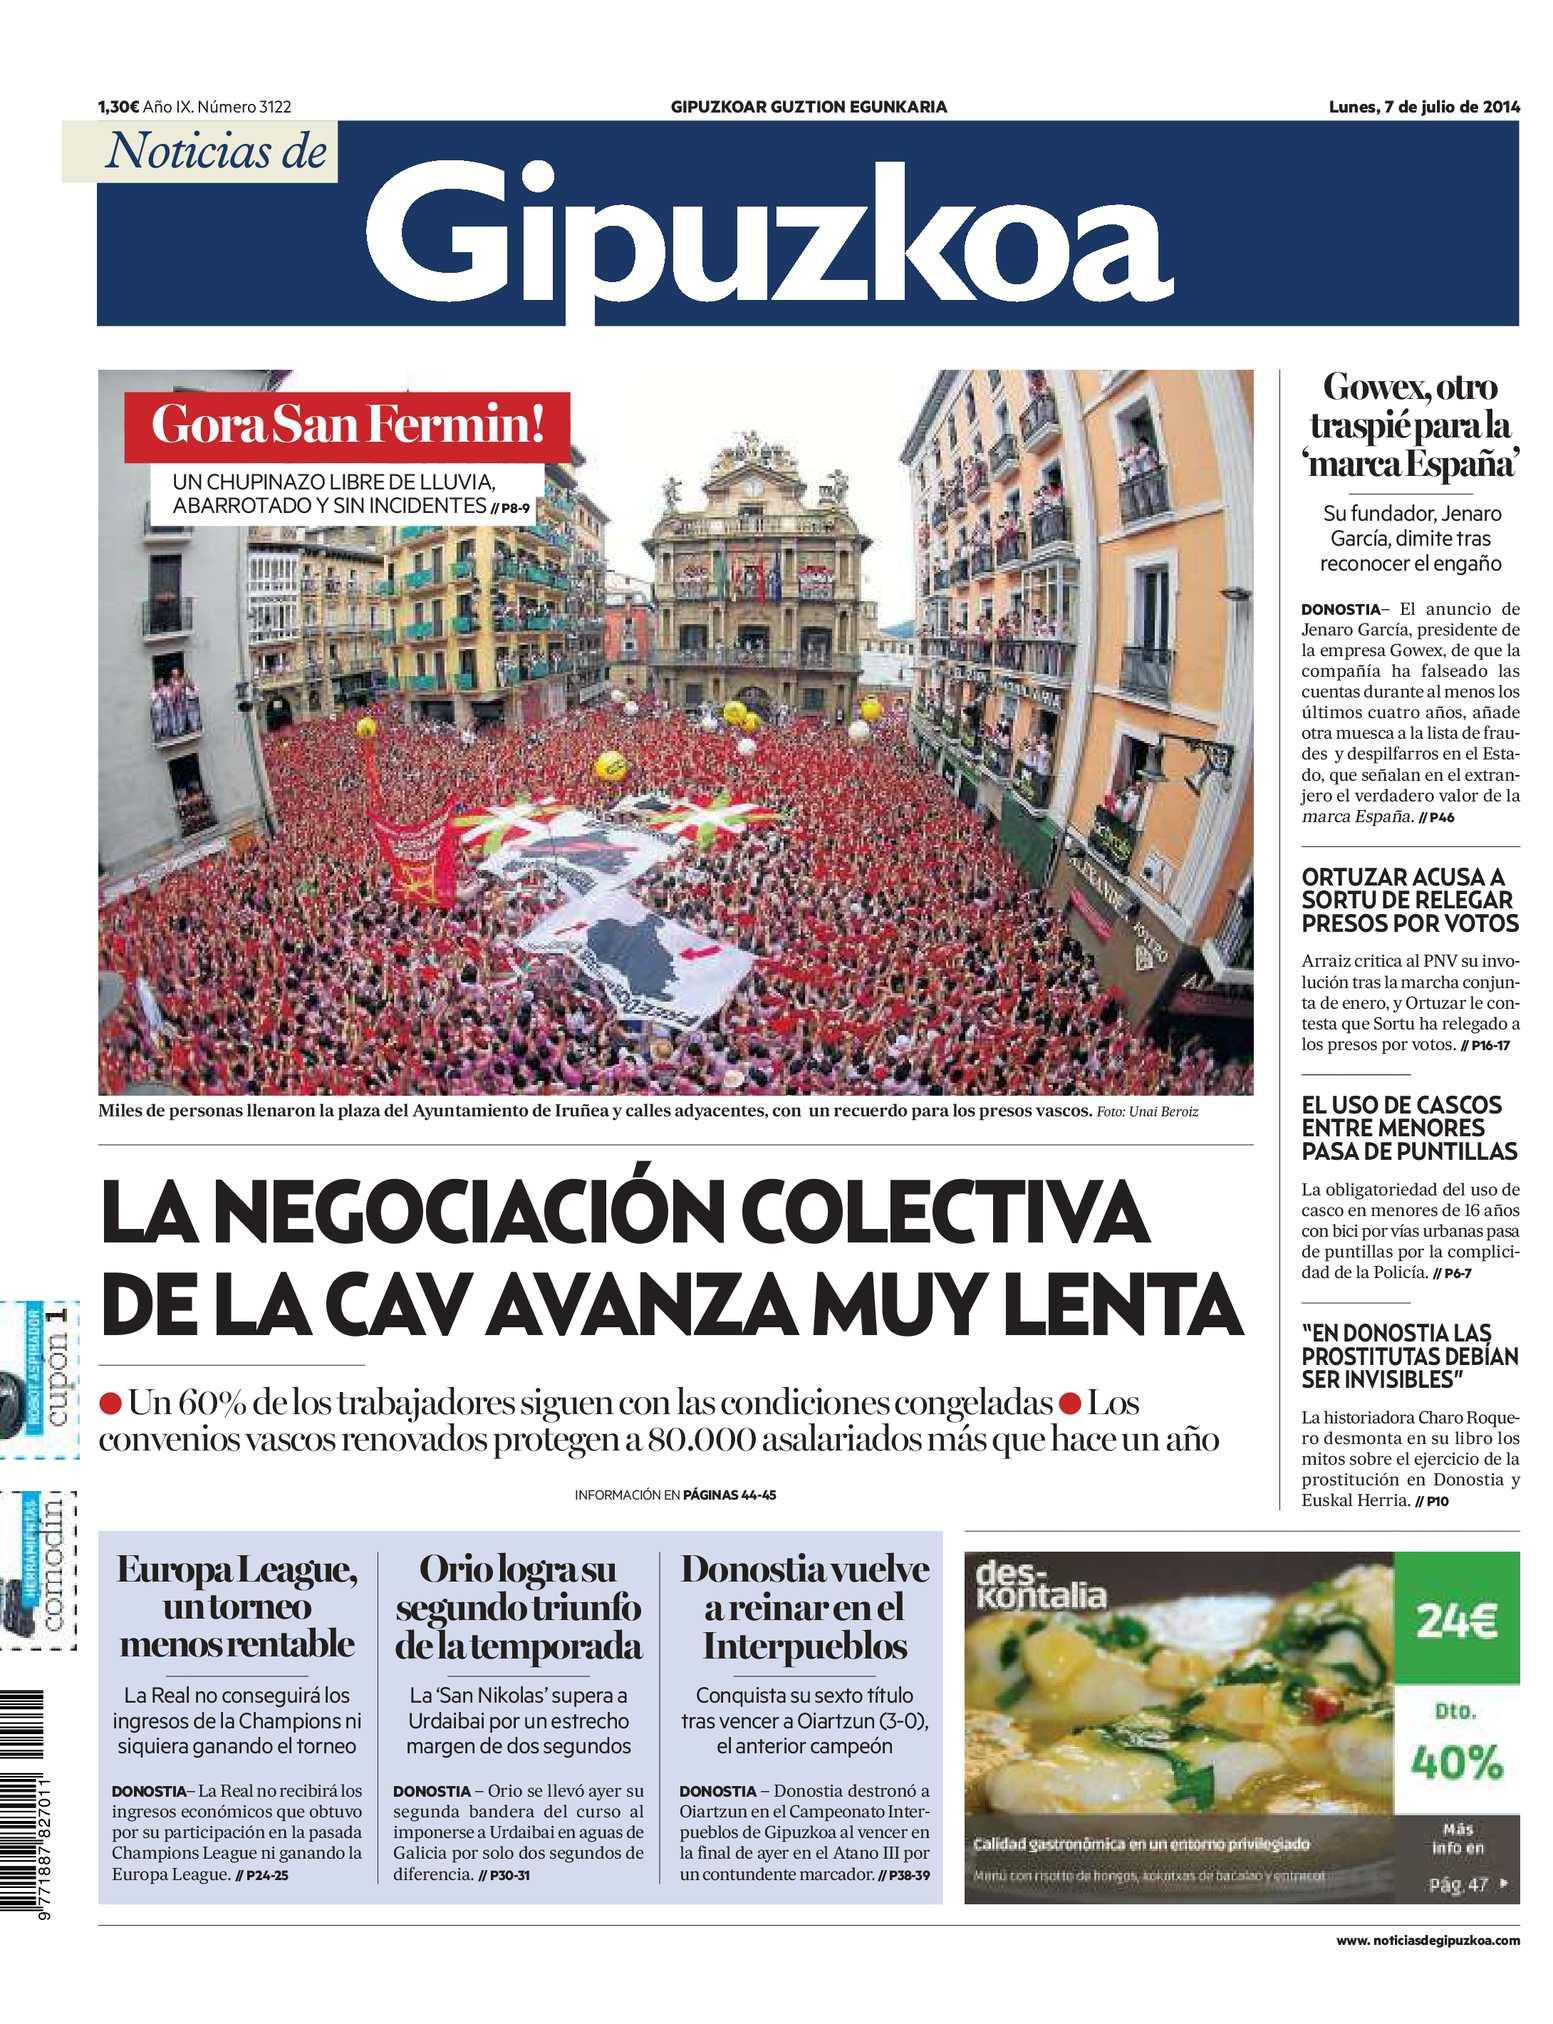 Calaméo - Noticias de Gipuzkoa 20140707